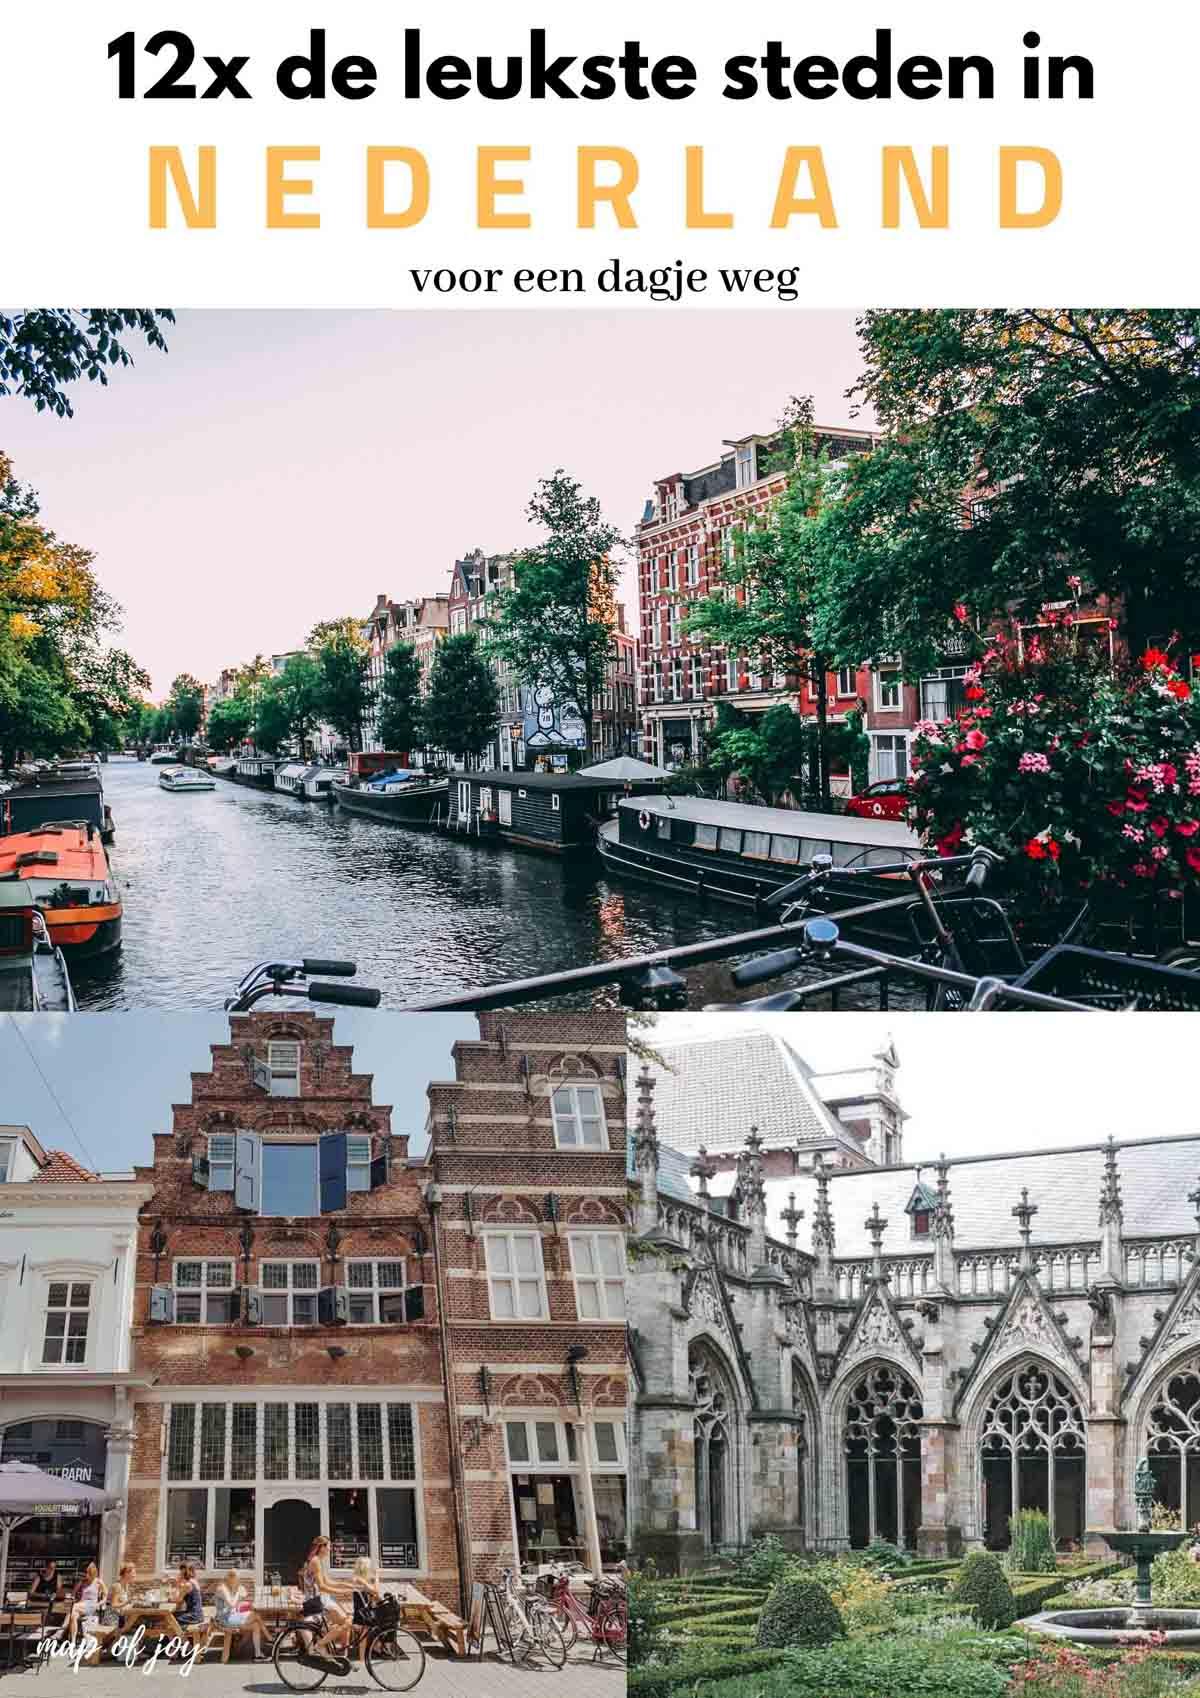 12x de leukste steden in Nederland voor een dagje weg